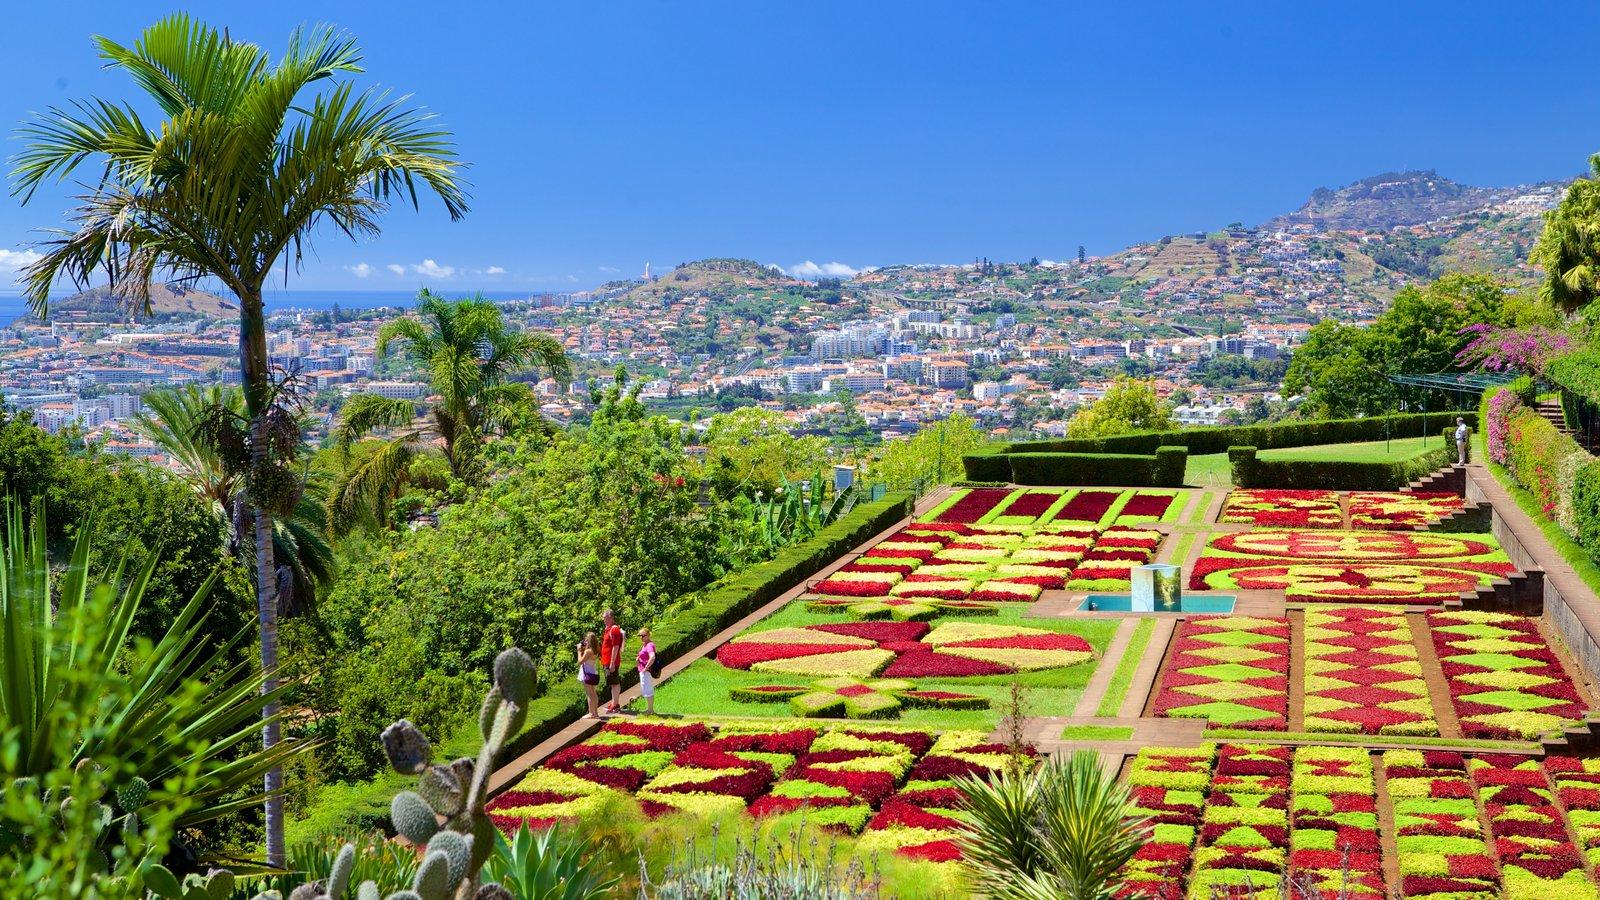 Live Webcam Streaming of Funchal City São Roque Madeira